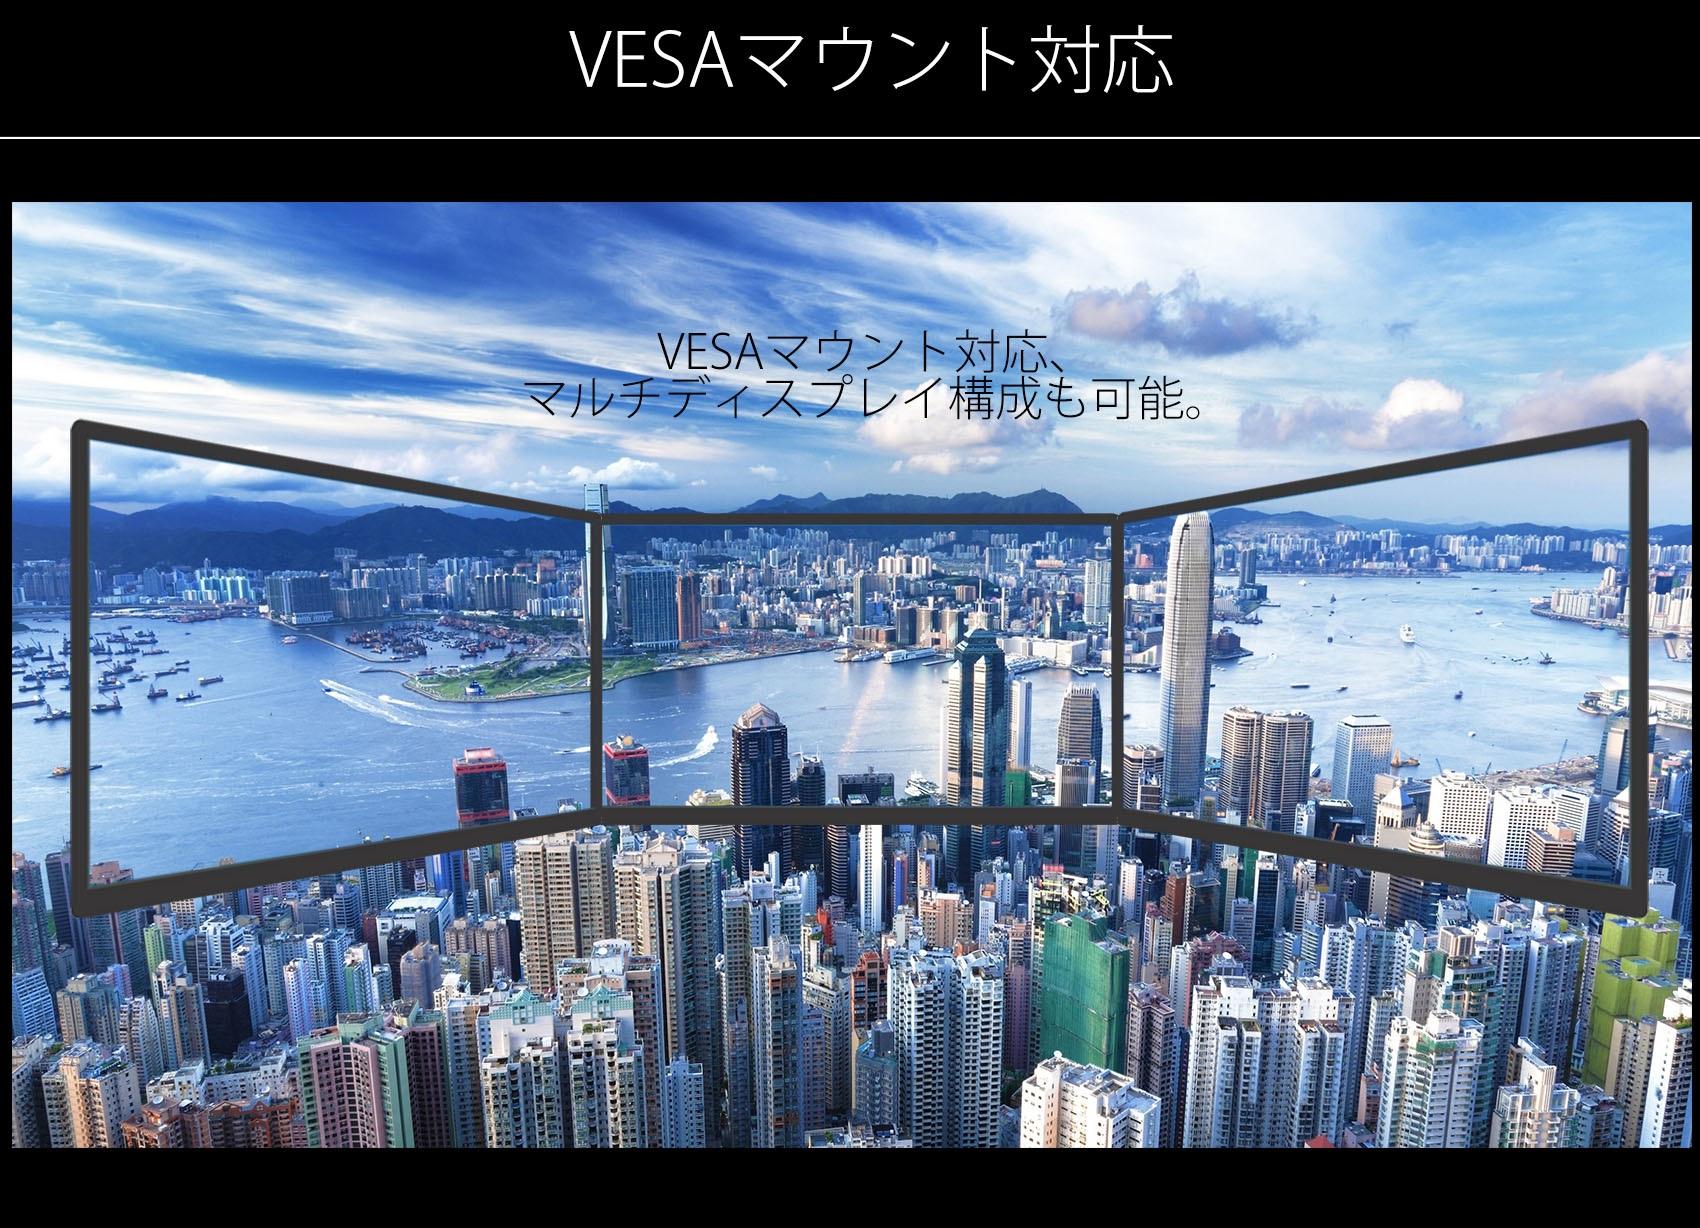 VESAマウント対応及び薄フレームでマルチディスプレイ構成に向いています。